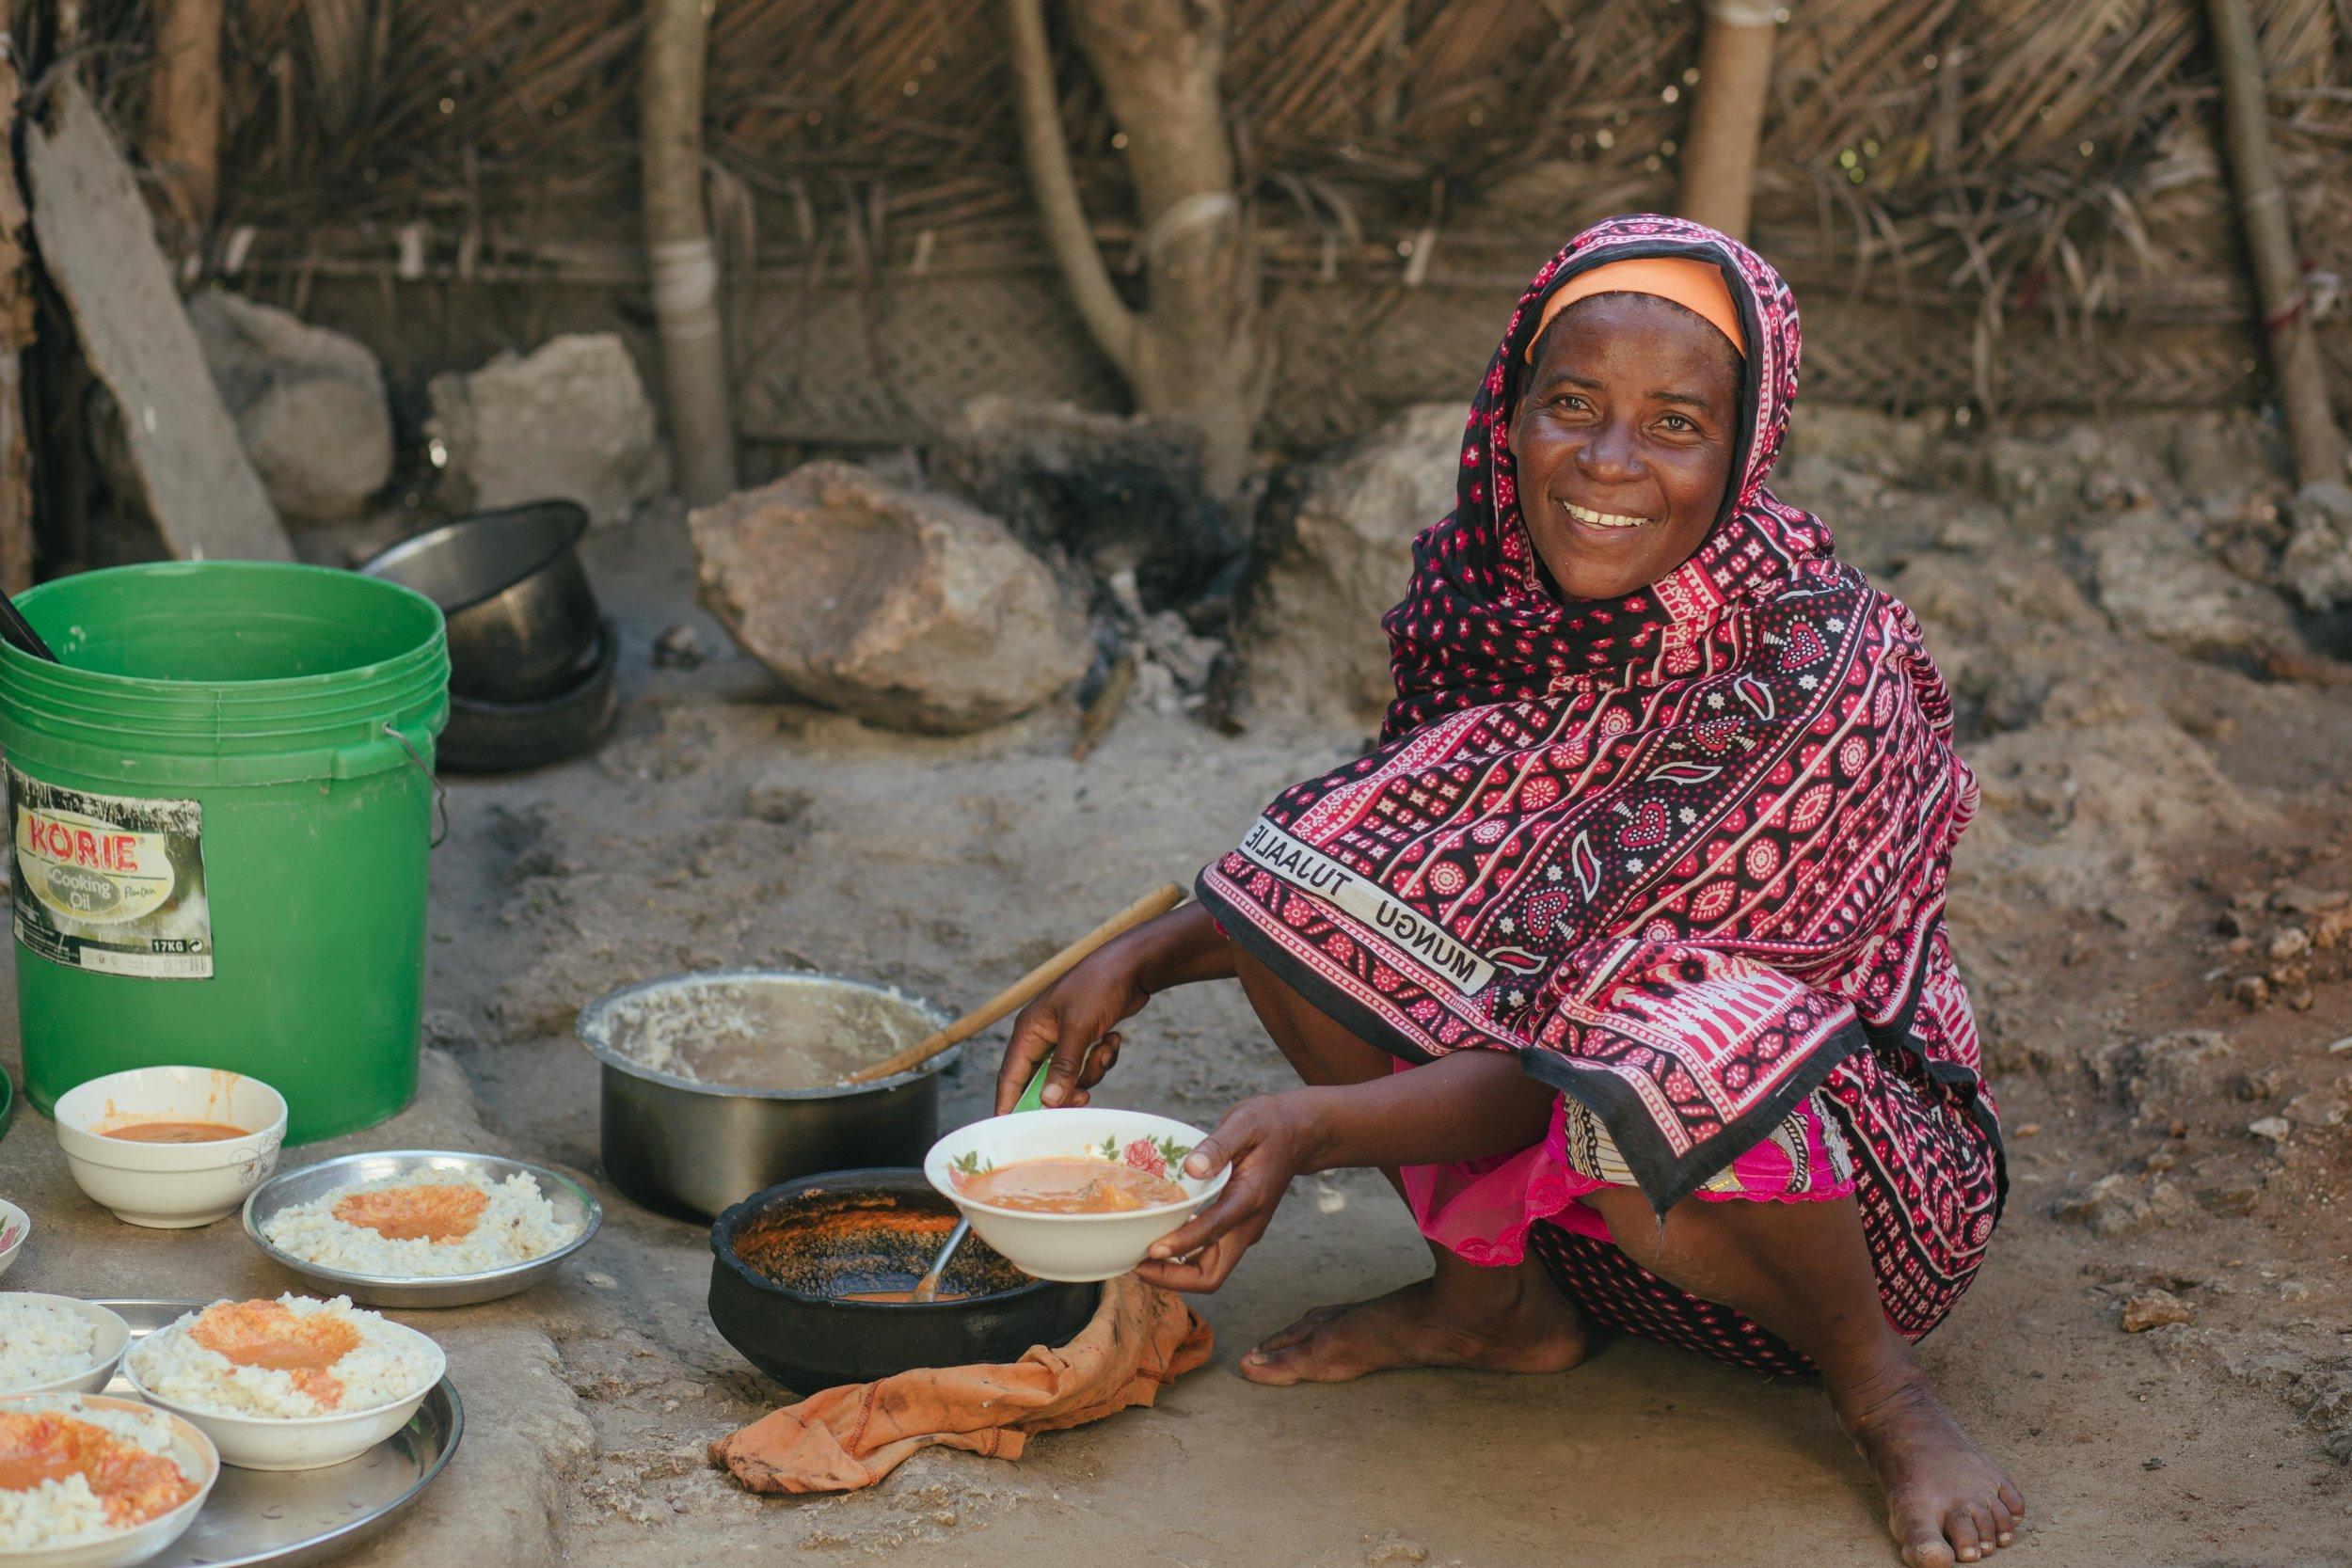 Muna_Ally_Zanzibar (4 of 10).jpg